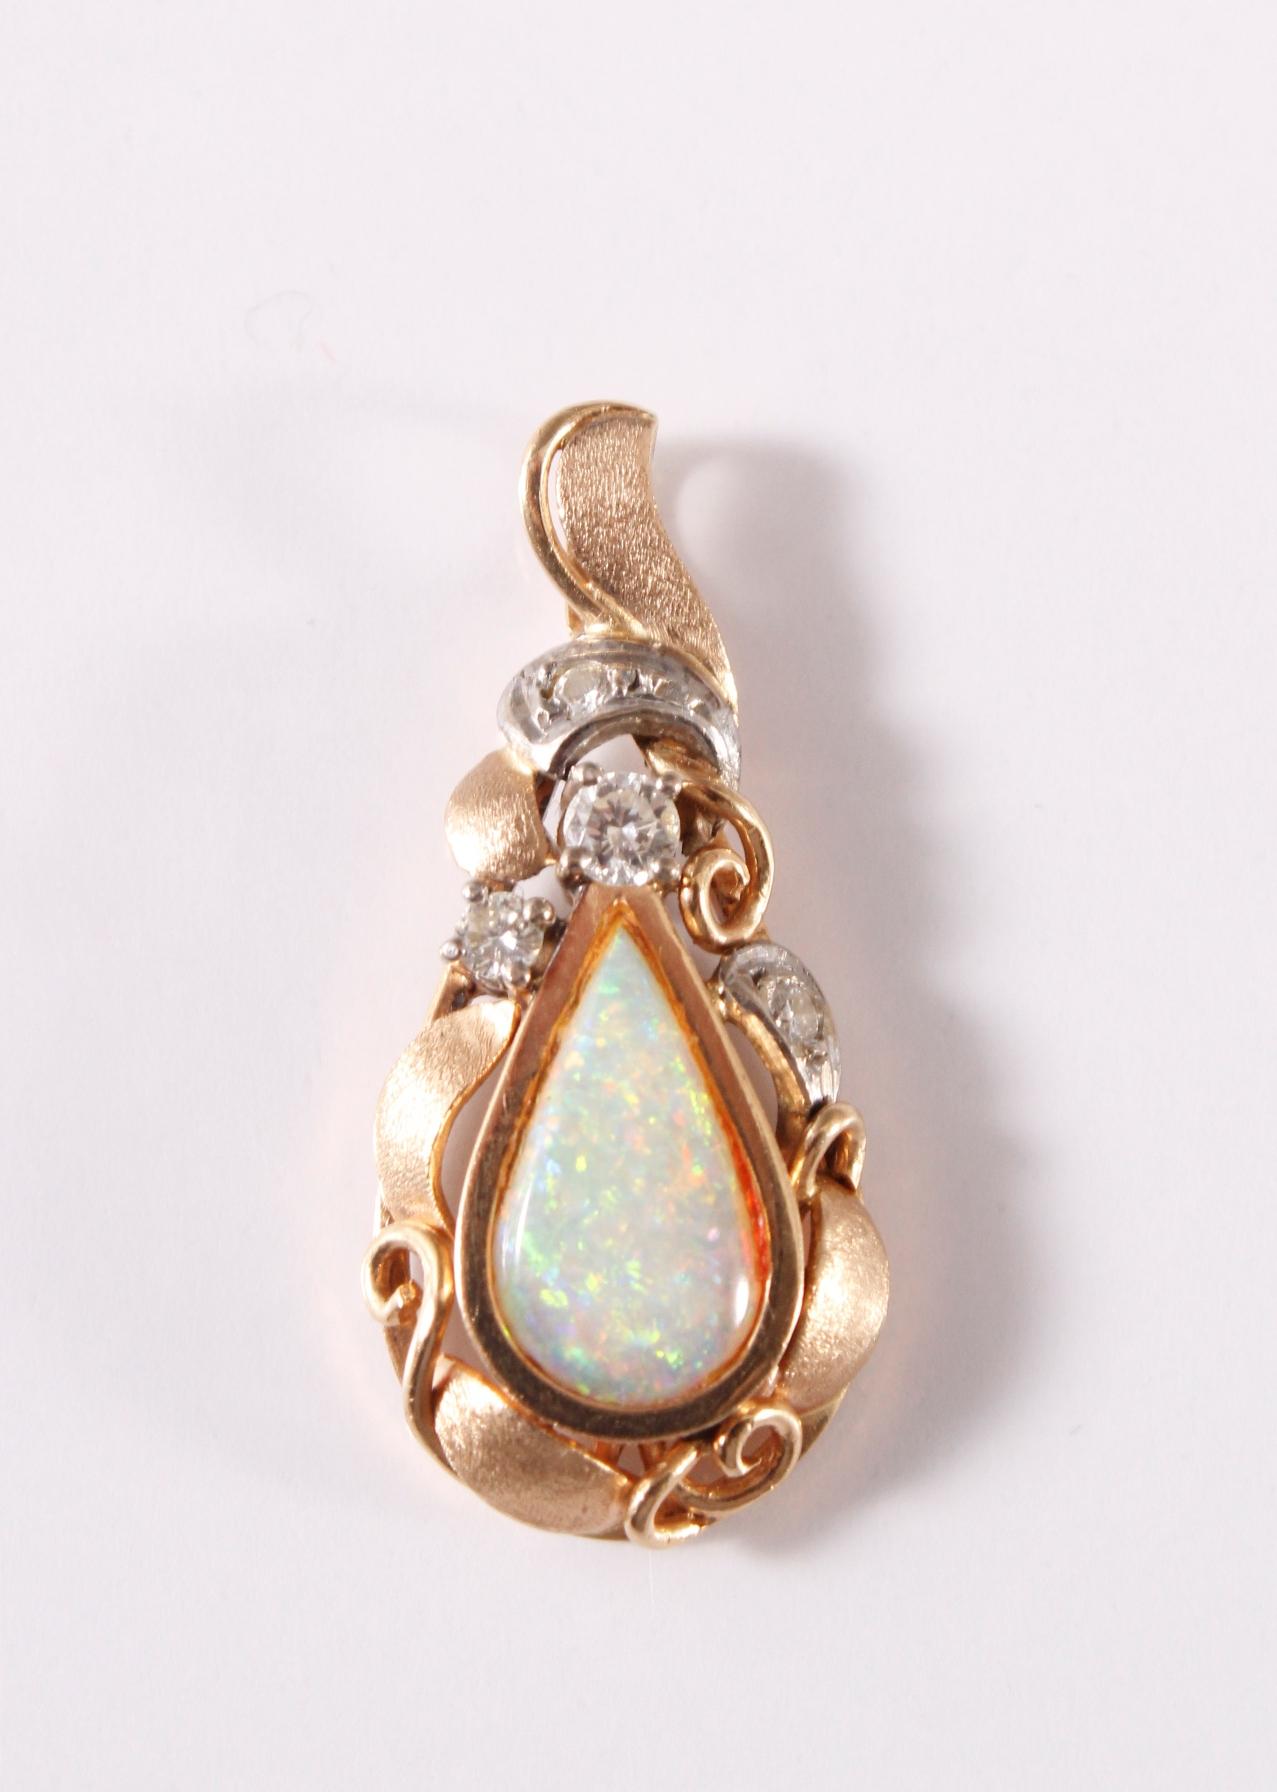 14 Karat Gelbgold Anhänger mit Opal und 4 Diamanten